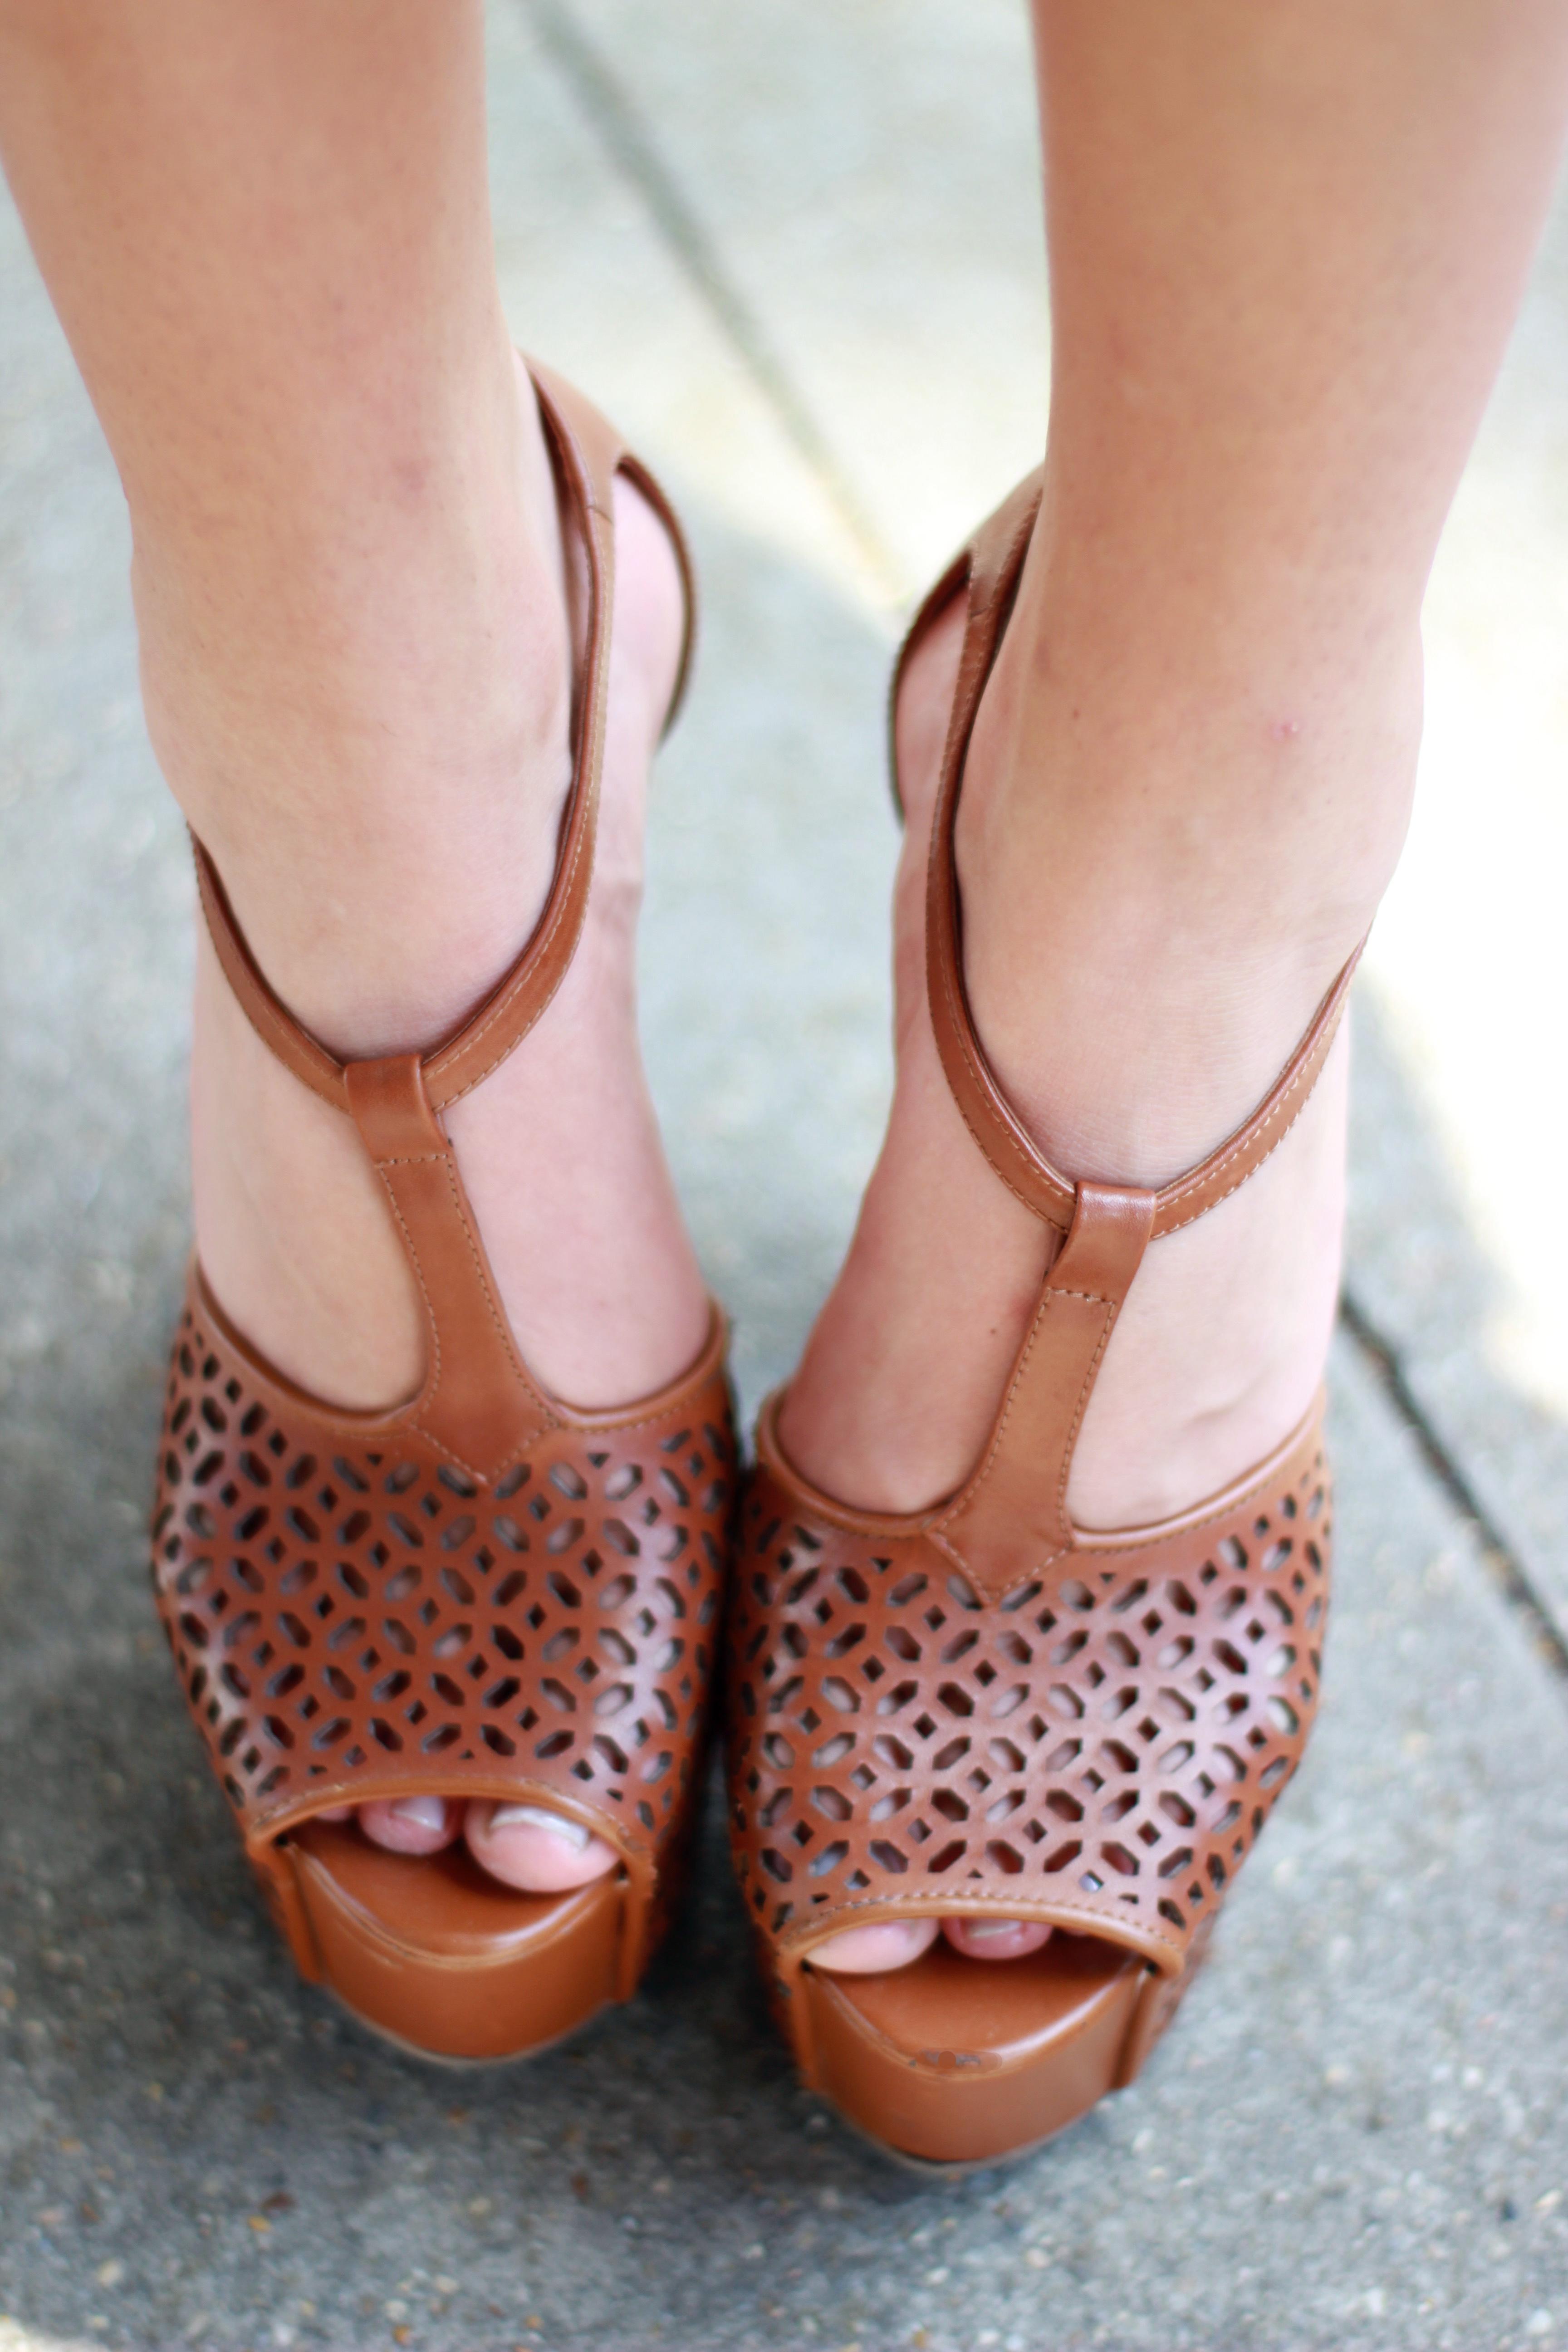 lace-up-dress-4-lgip